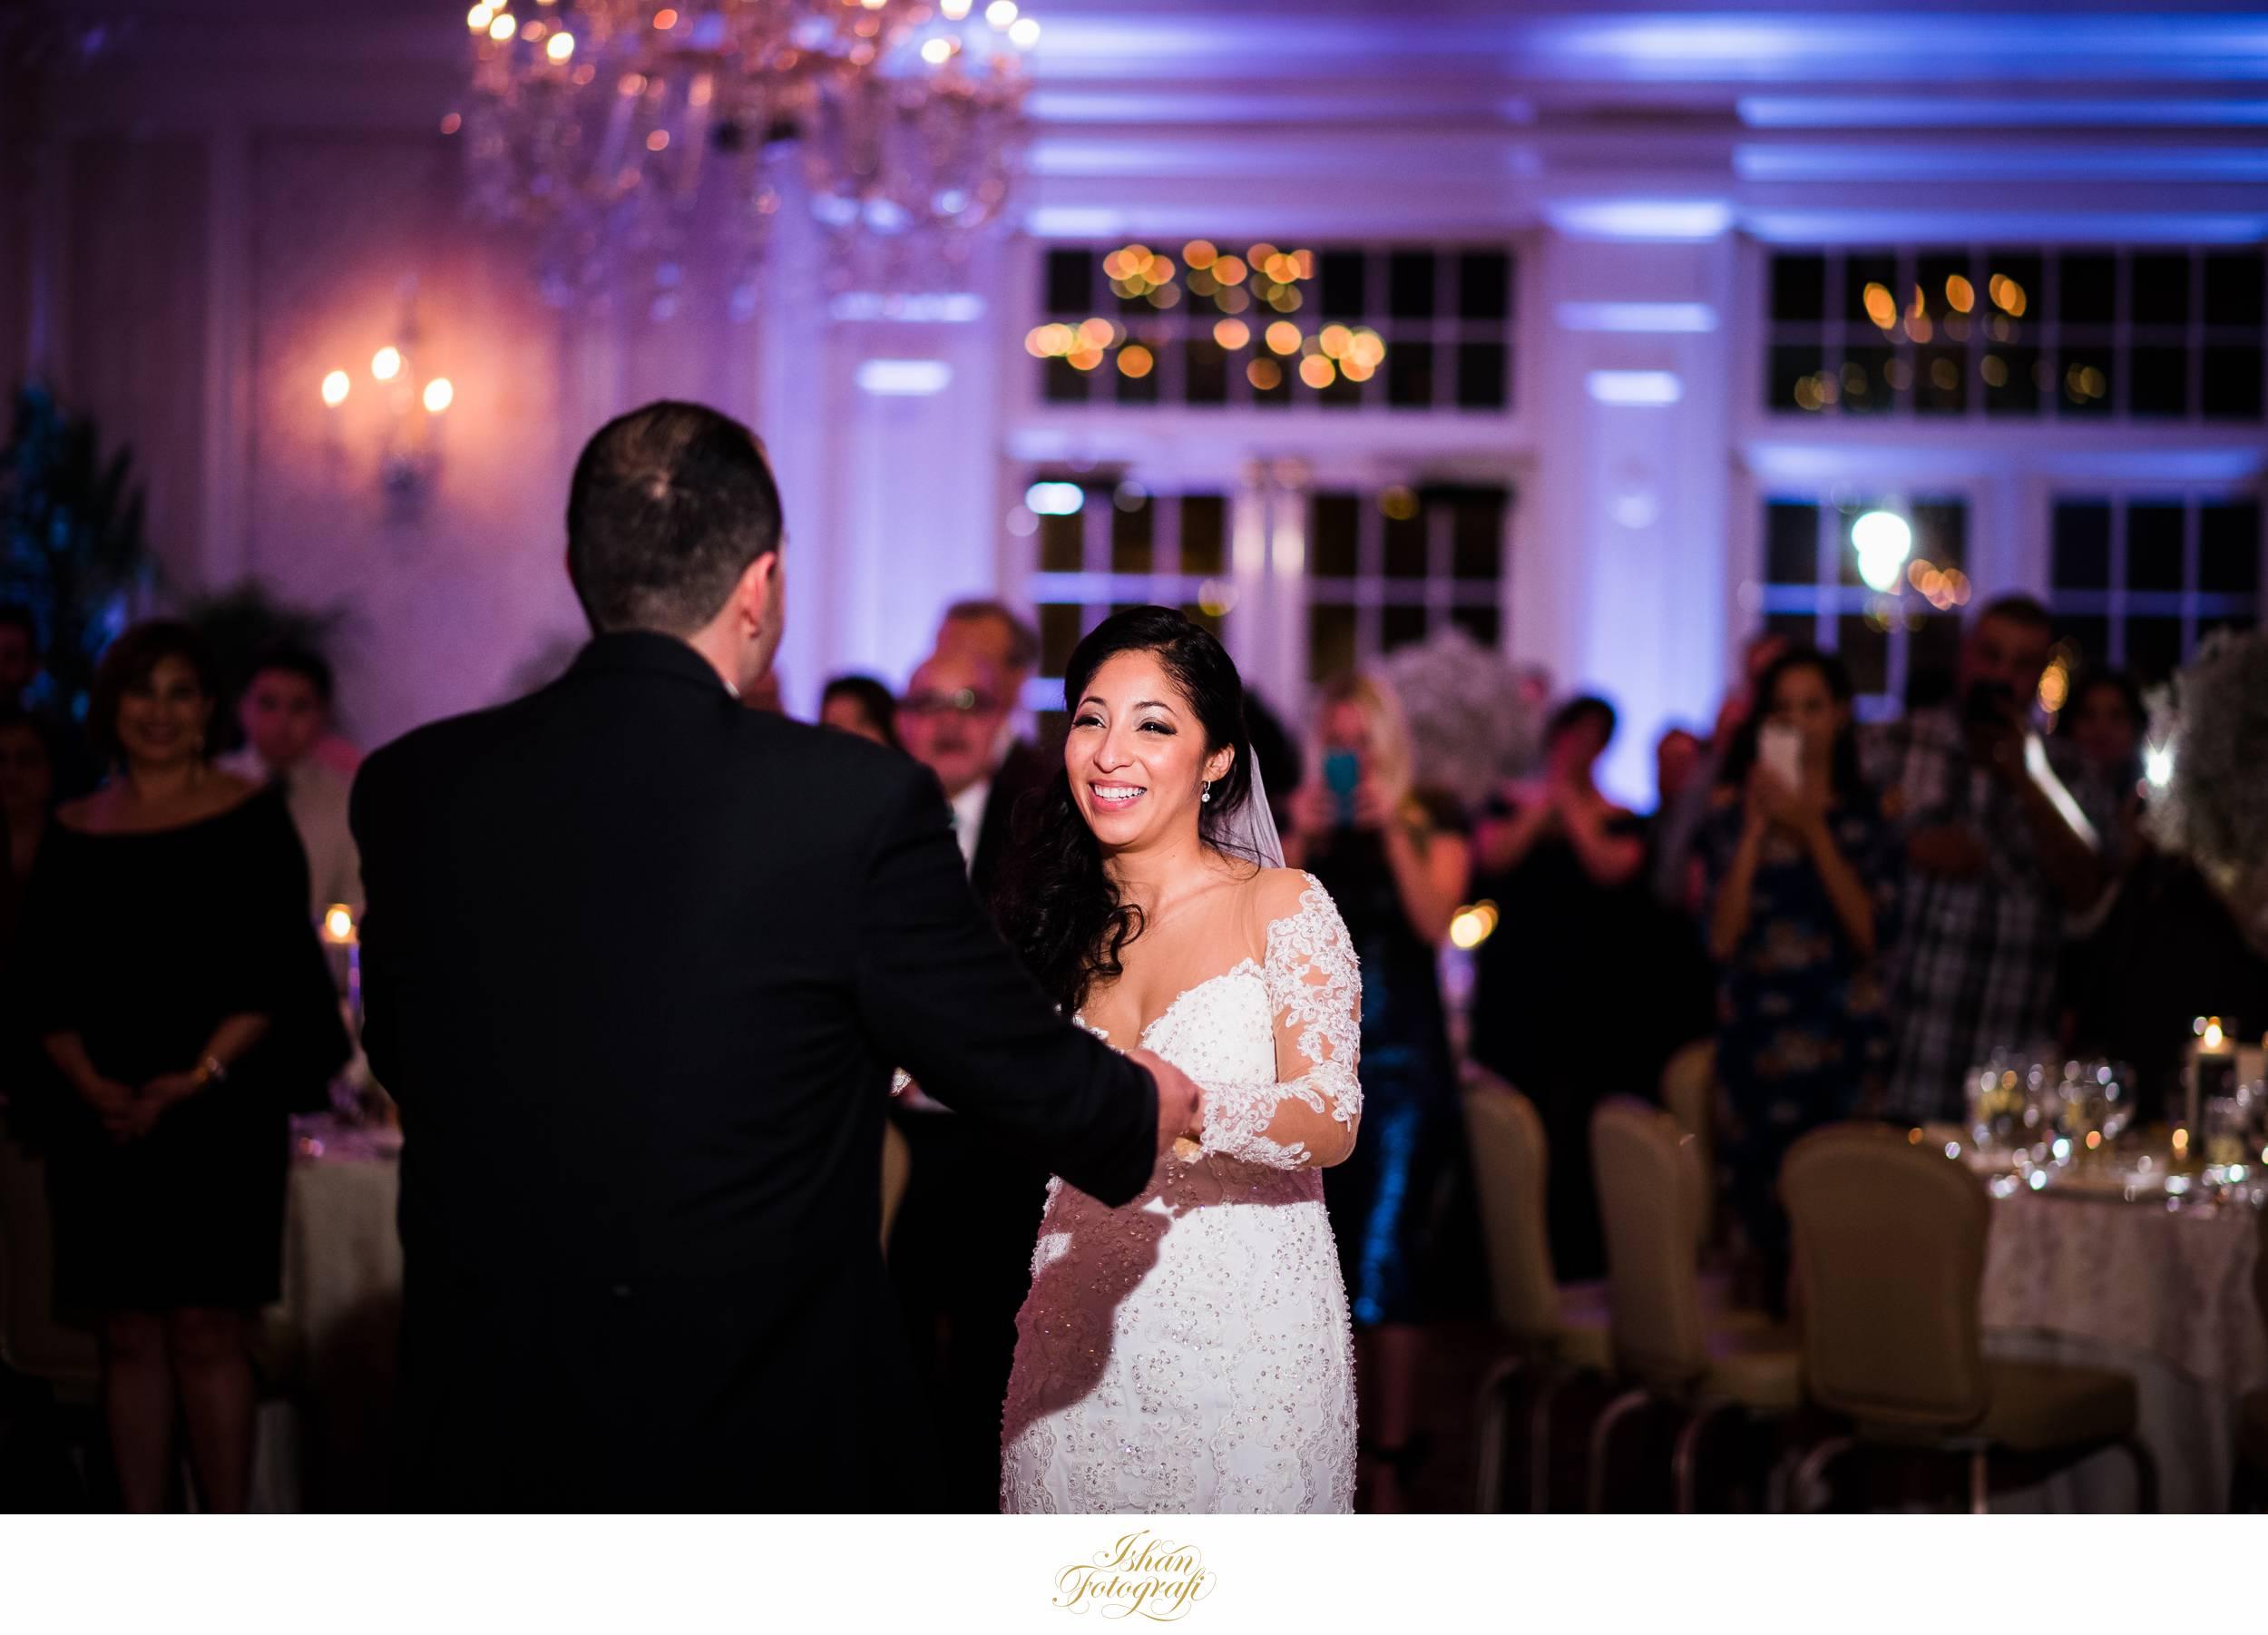 wedding-reception-at-meadow-wood-manor-randolph